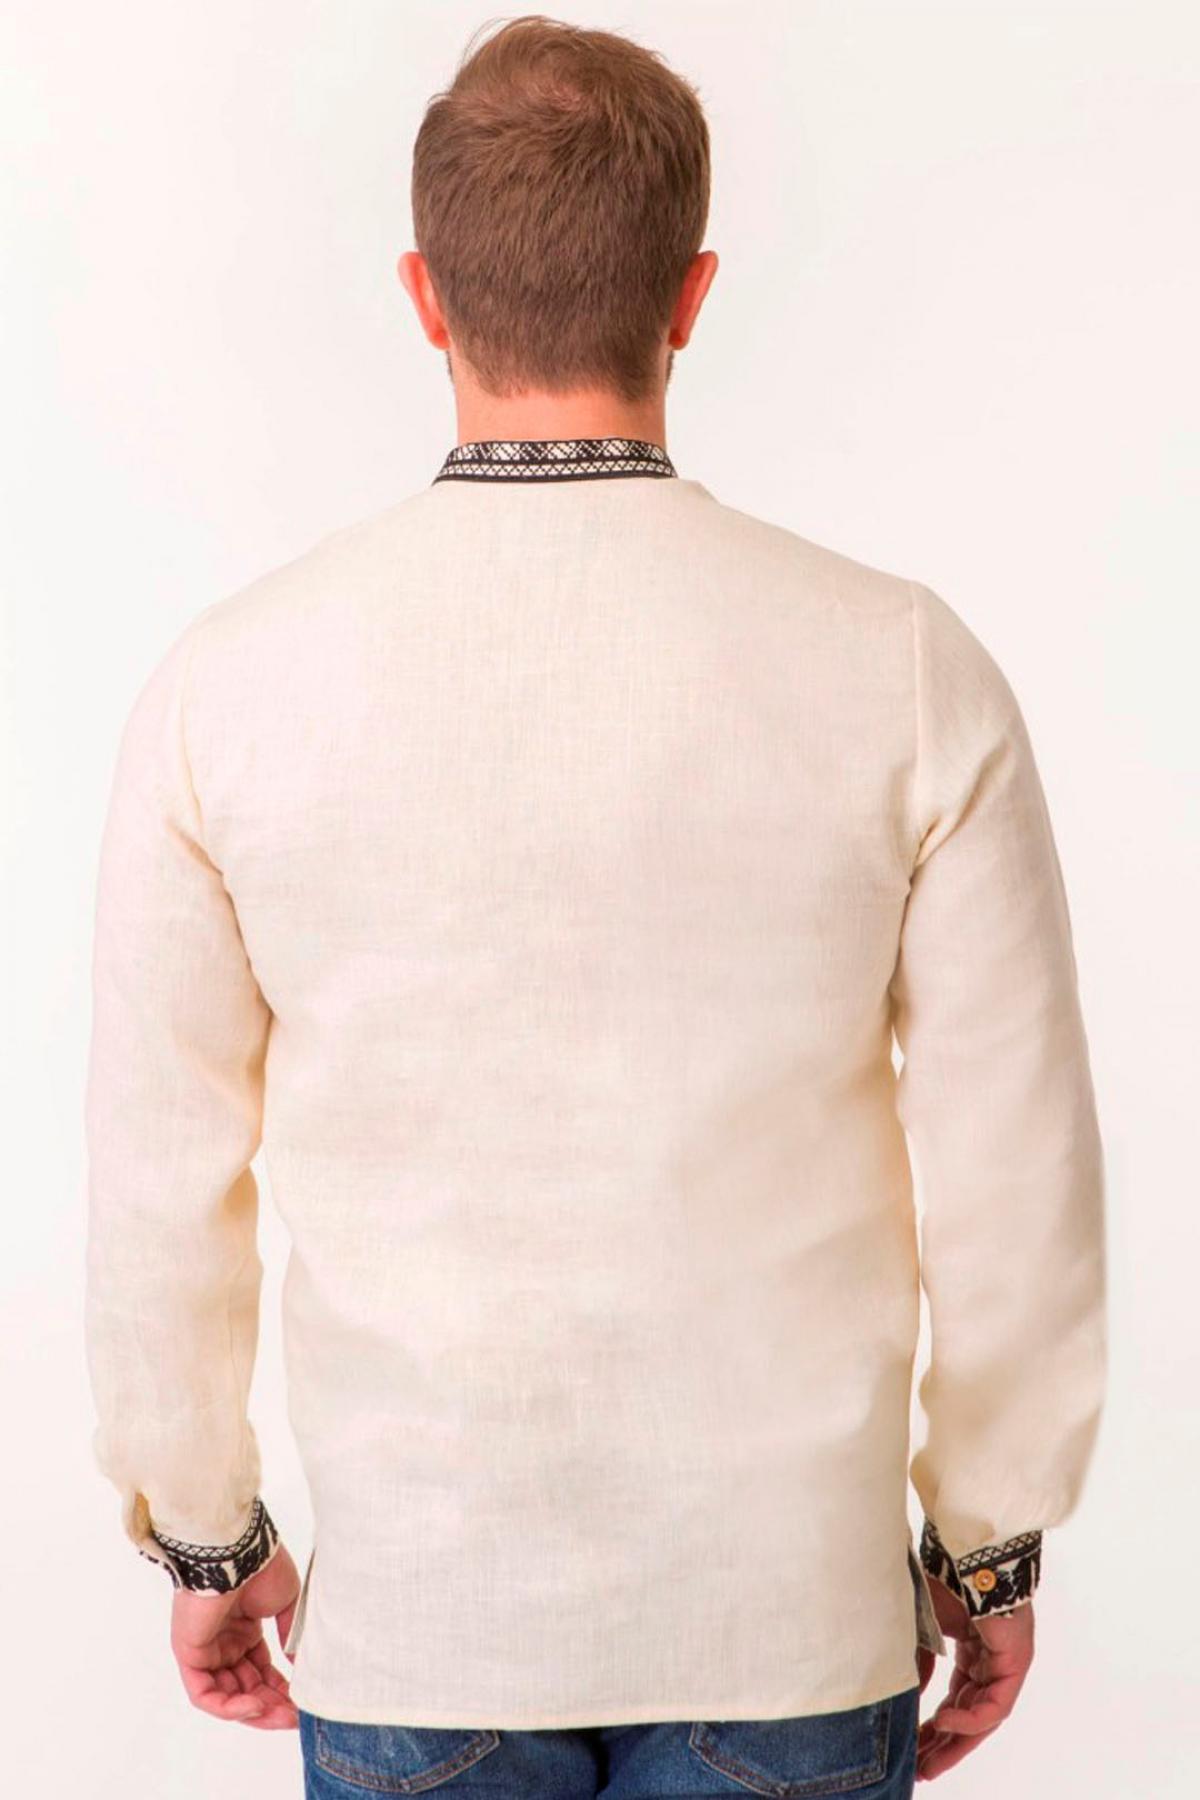 Чоловіча вишиванка на натуральному льоні з чорною вишивкою. Фото №3. | Народний дім Україна